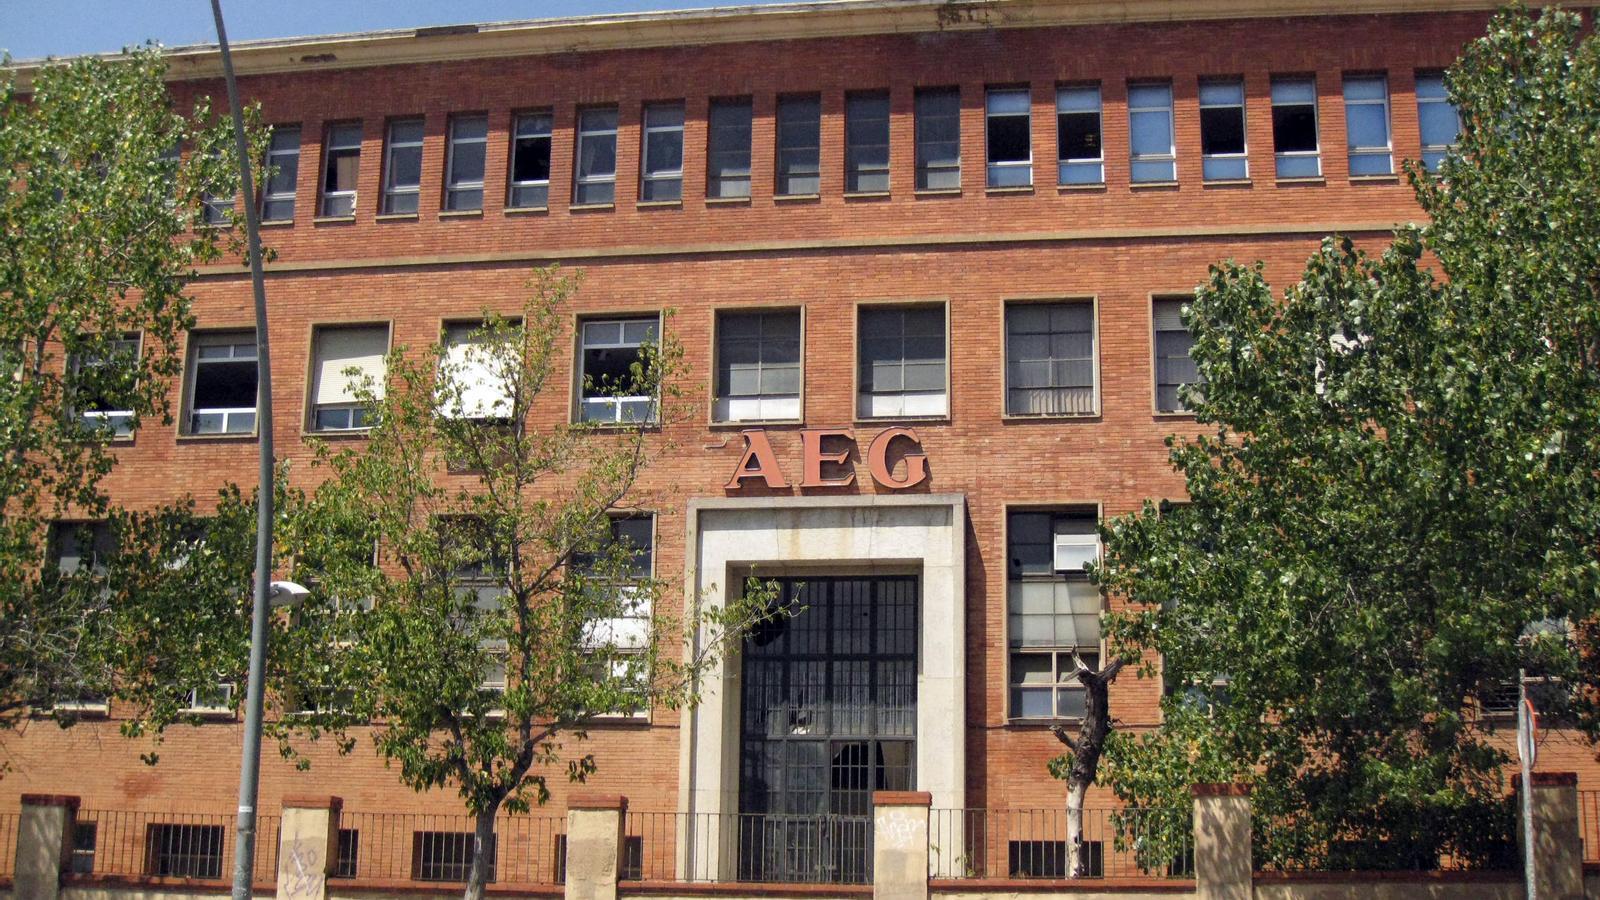 Fàbrica AEG